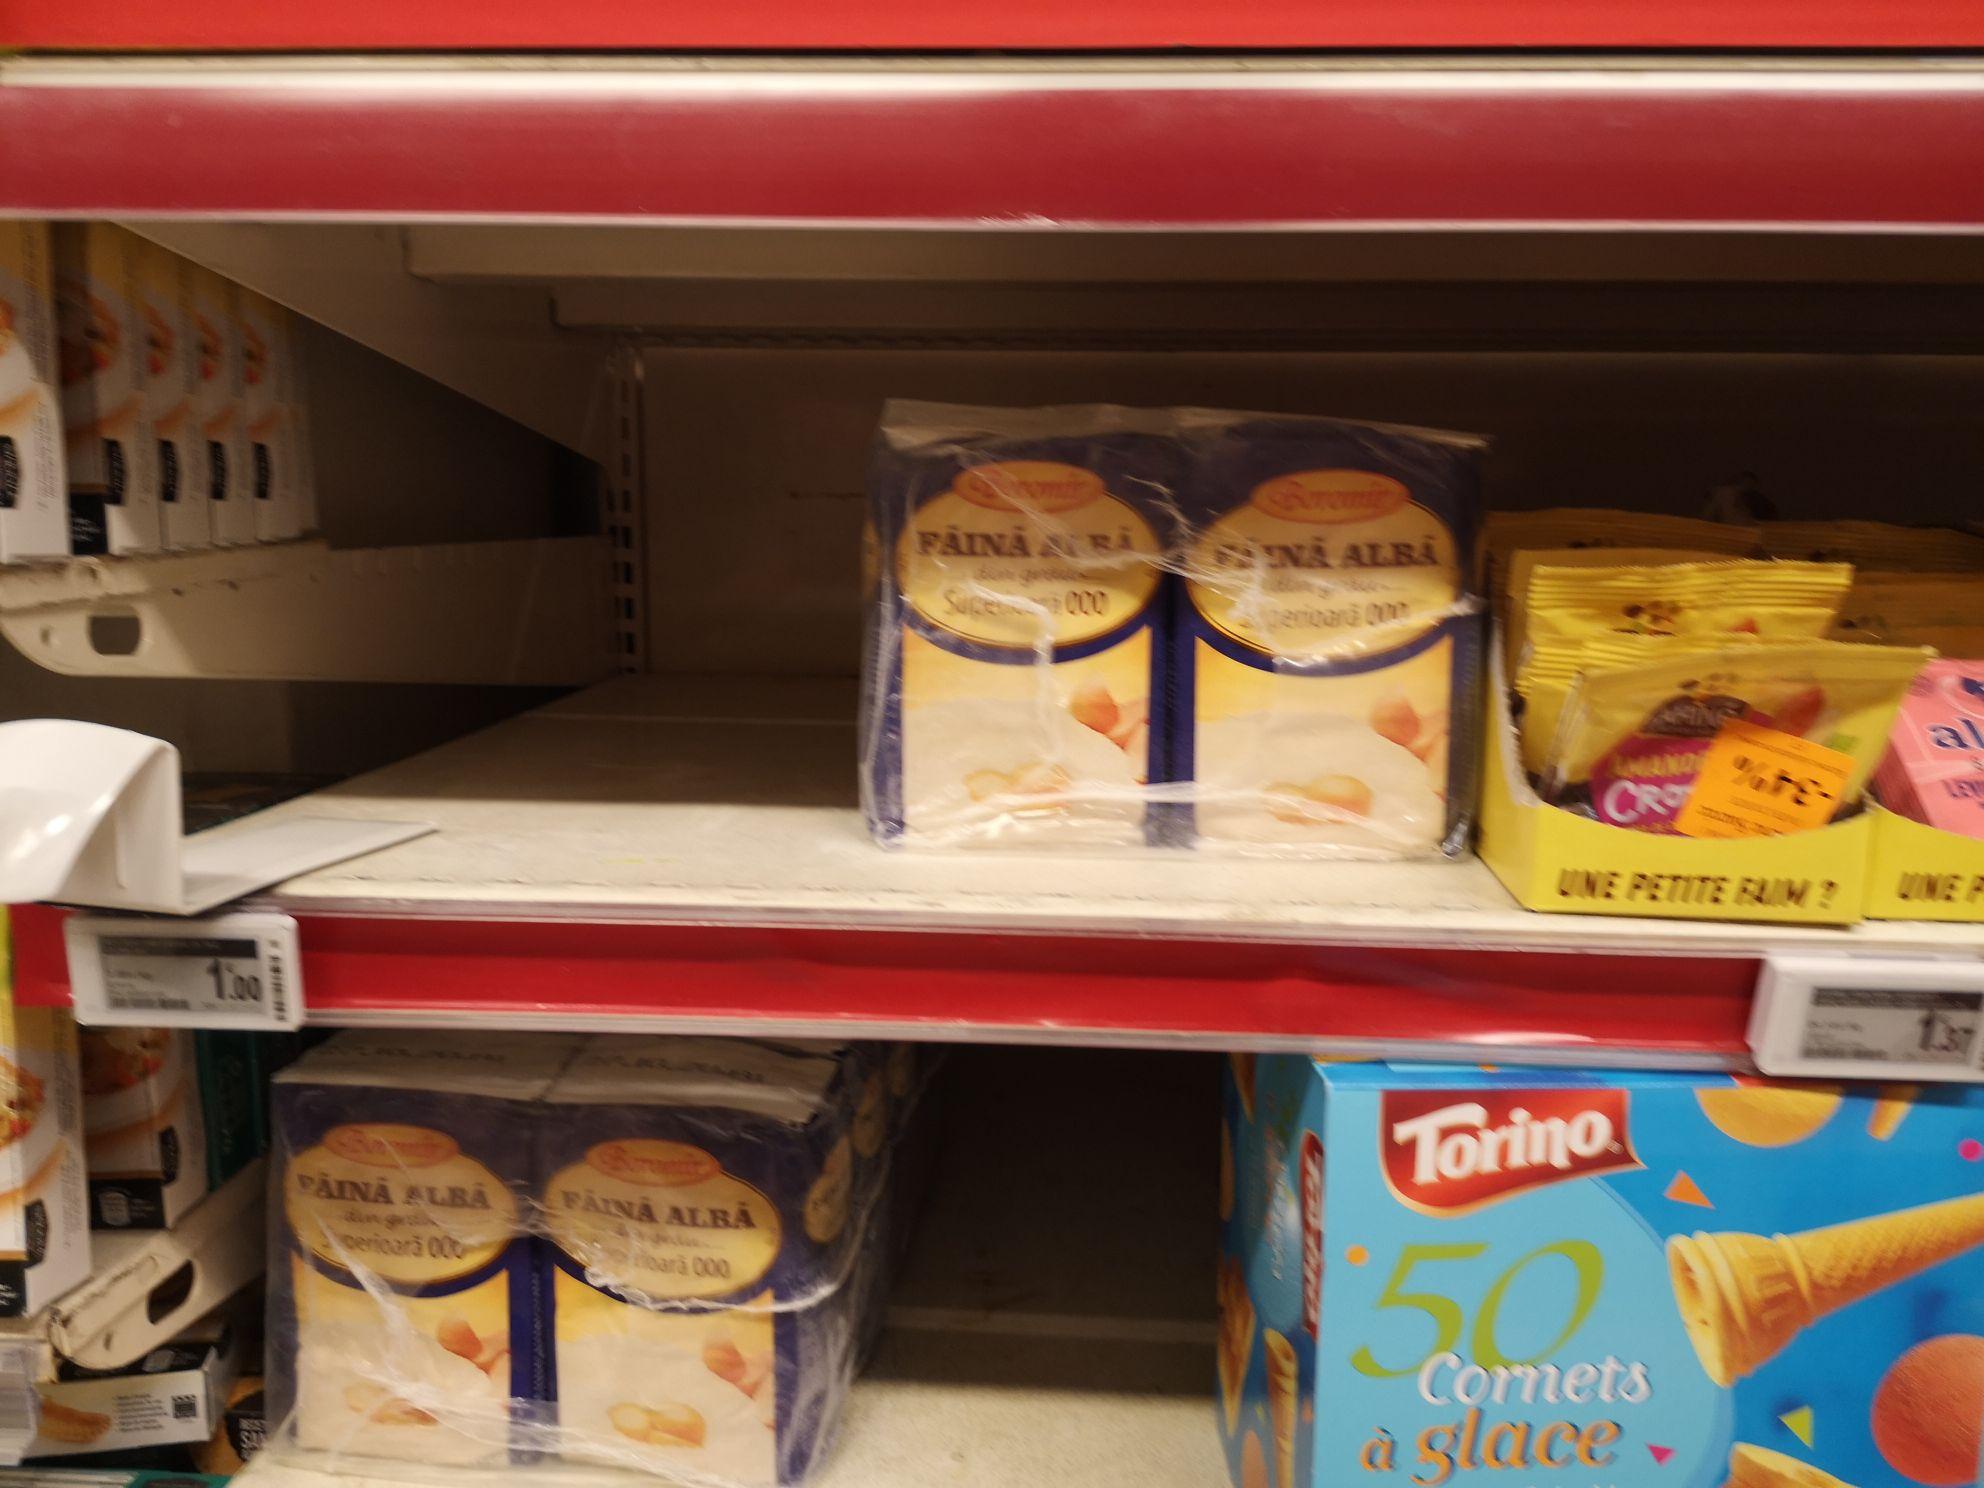 Sac de Farine de blé extra - 1 kg, DLUO Courte (via 0.99 € sur la carte fidélité) - Bois Sénart Cesson (77)